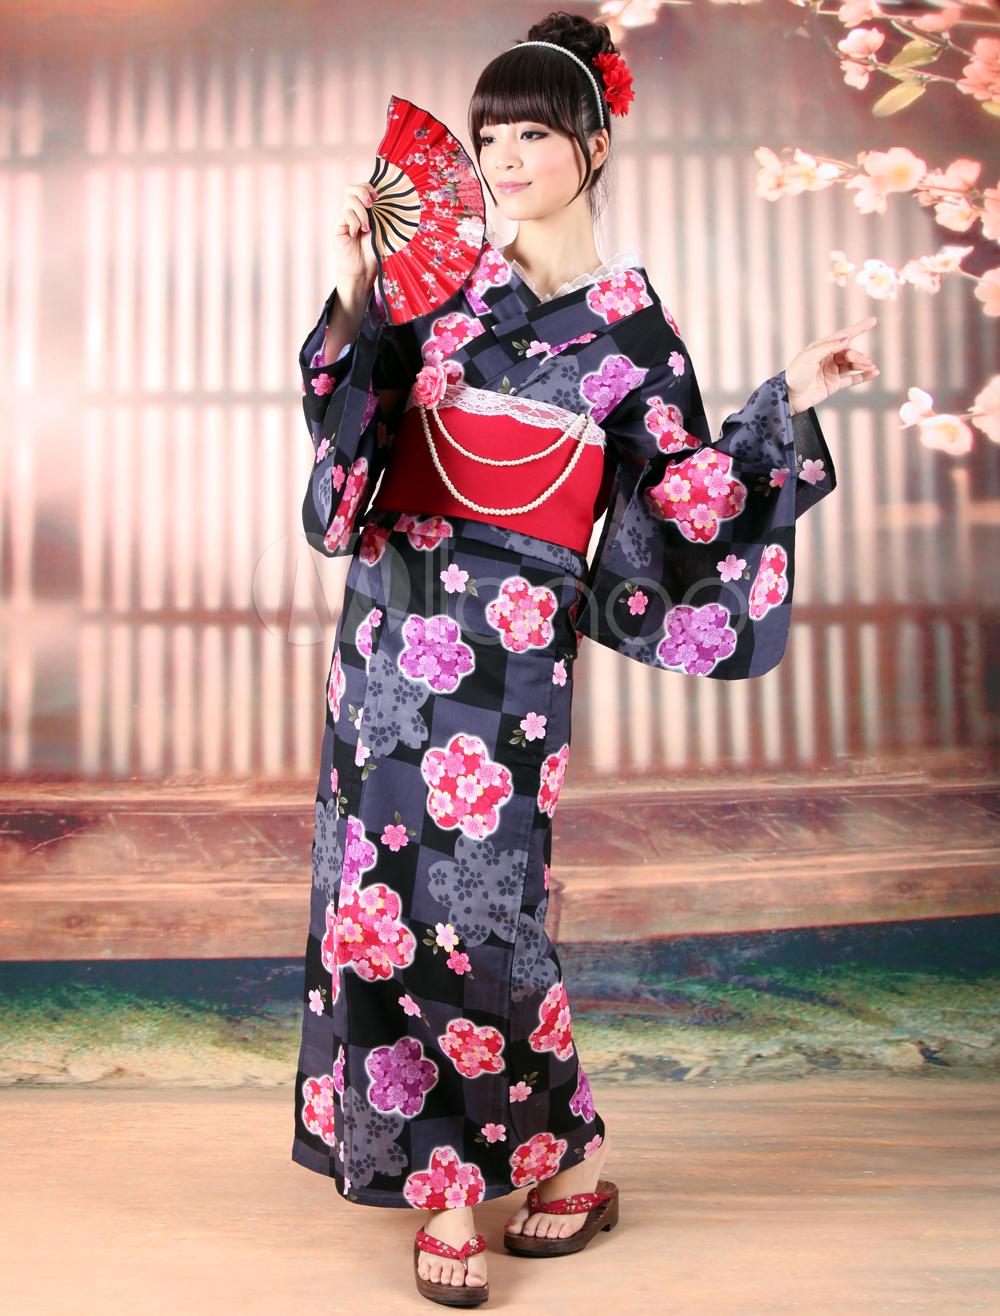 японское кимоно картинки несколько признаков, которые